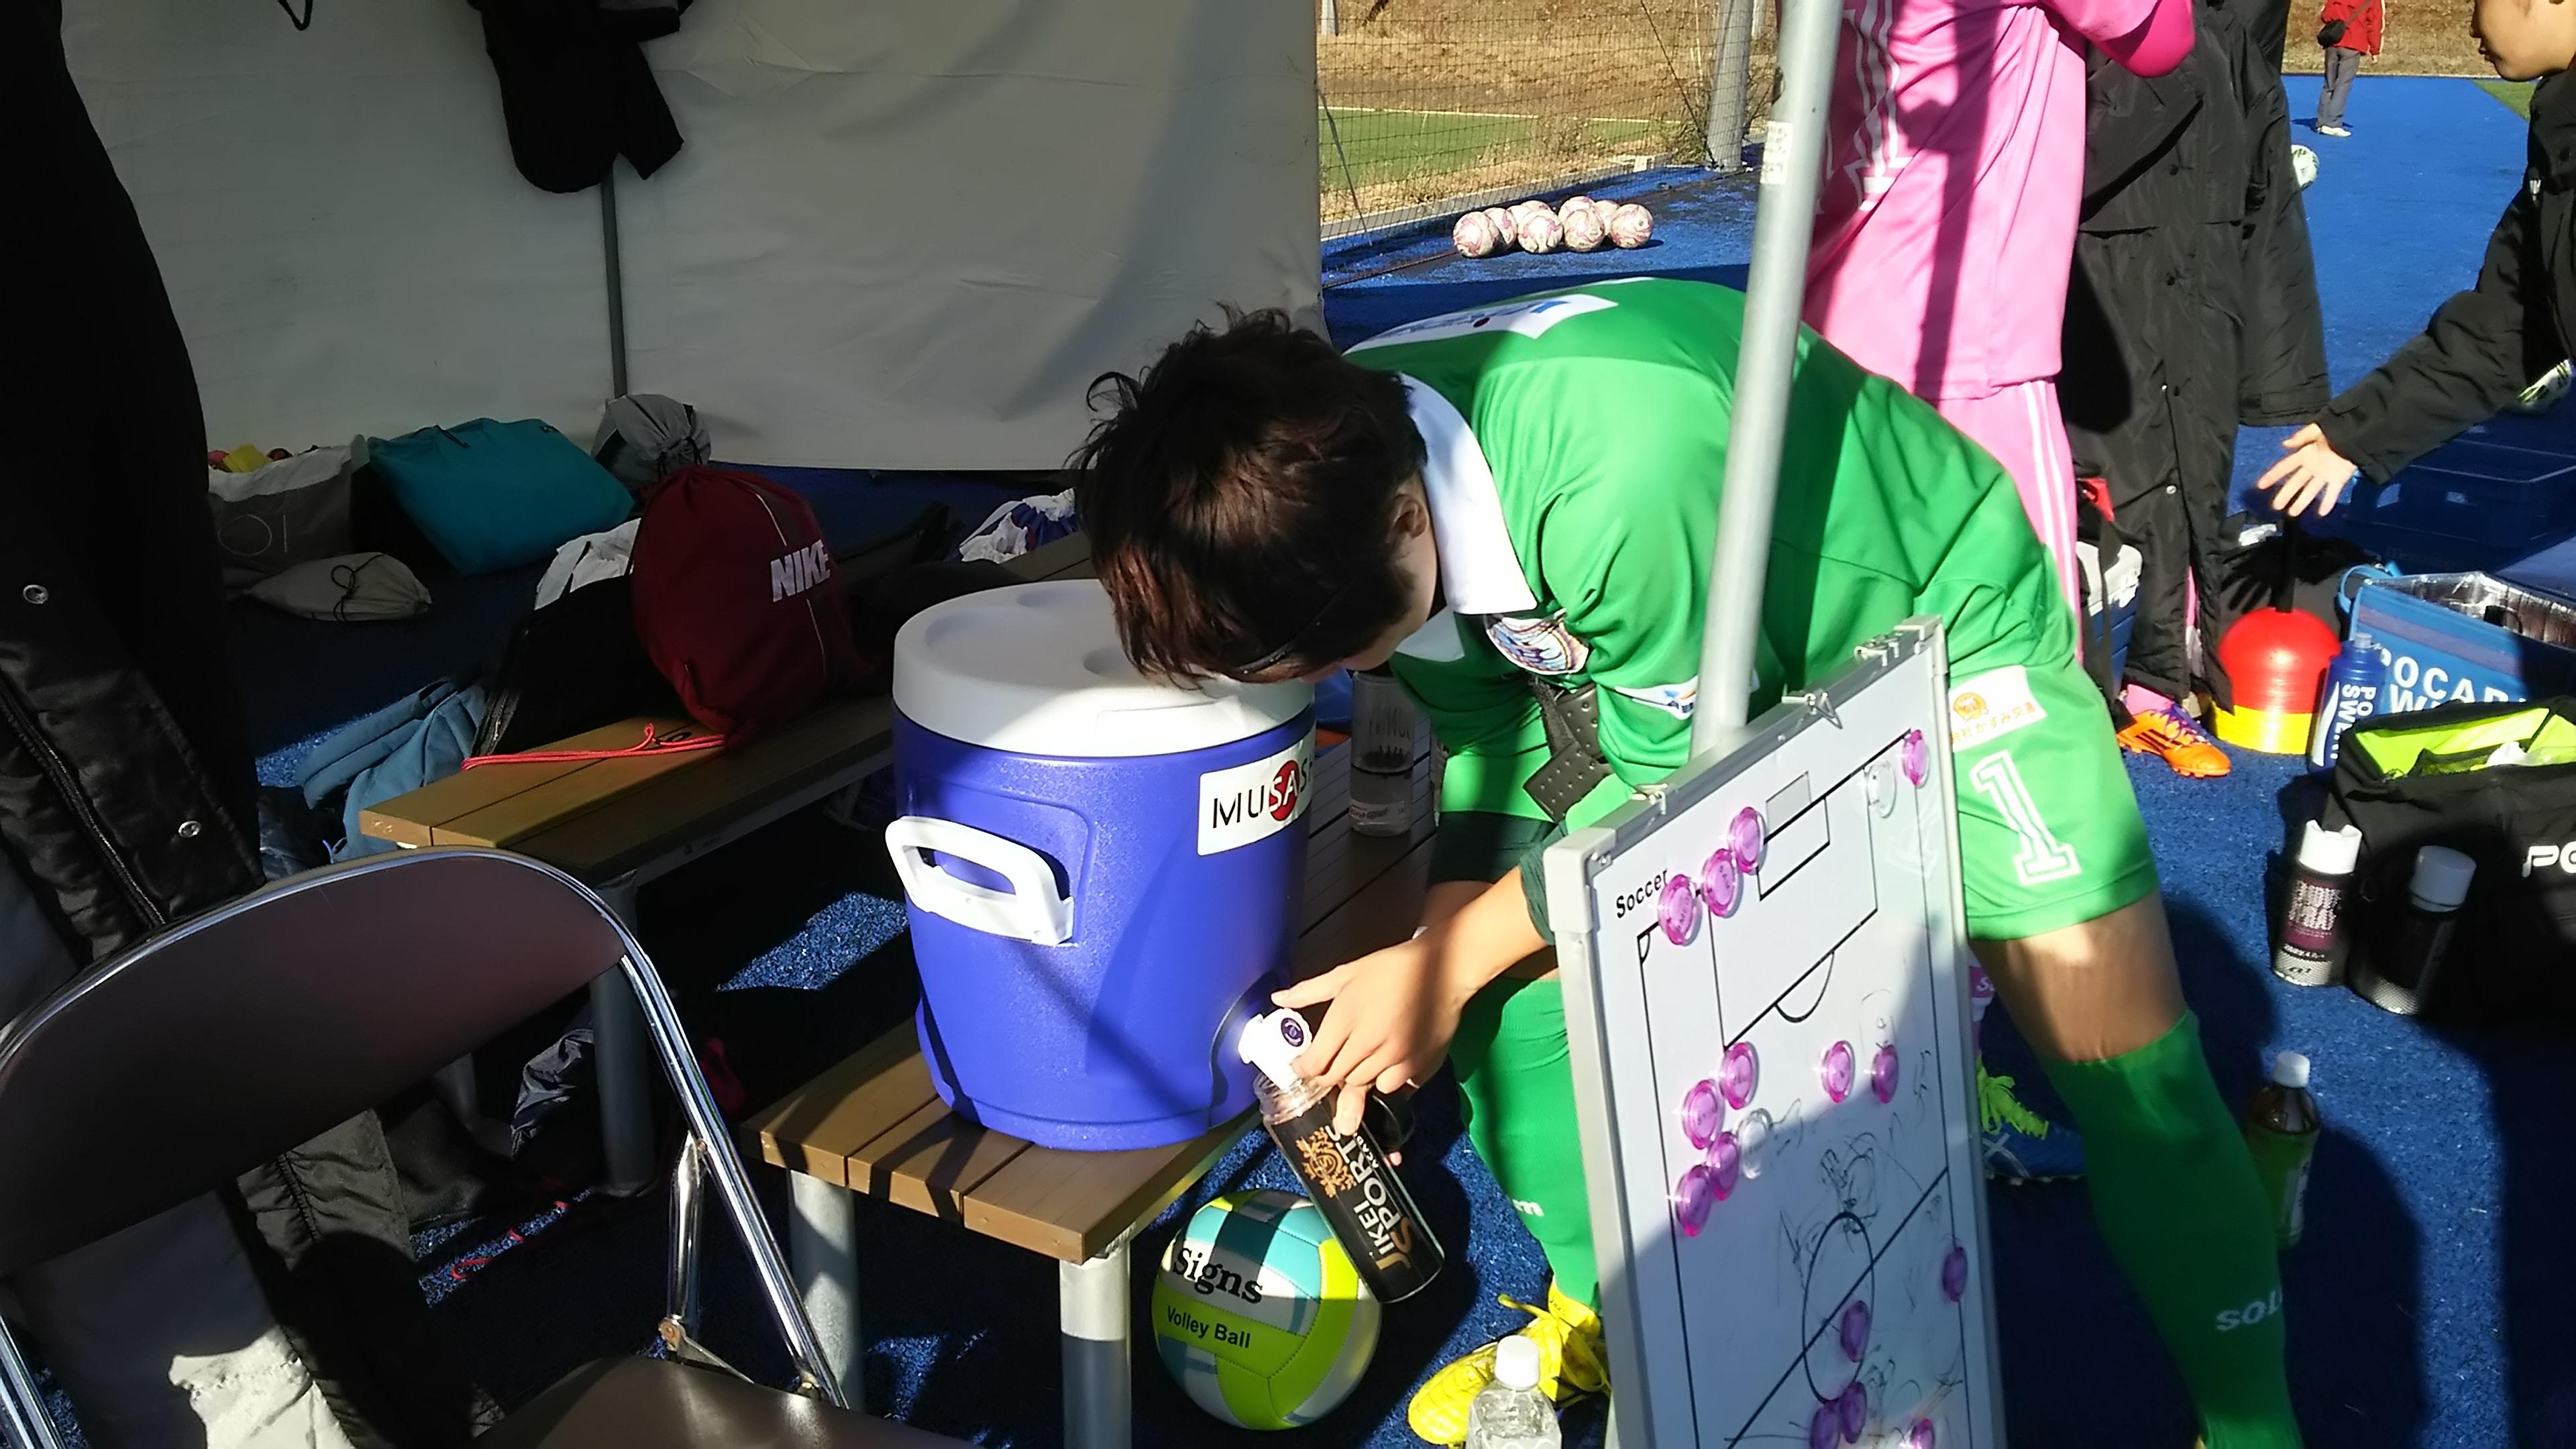 今大会期間中、MUSASHI様よりスポーツ飲料等を御支援いただきました